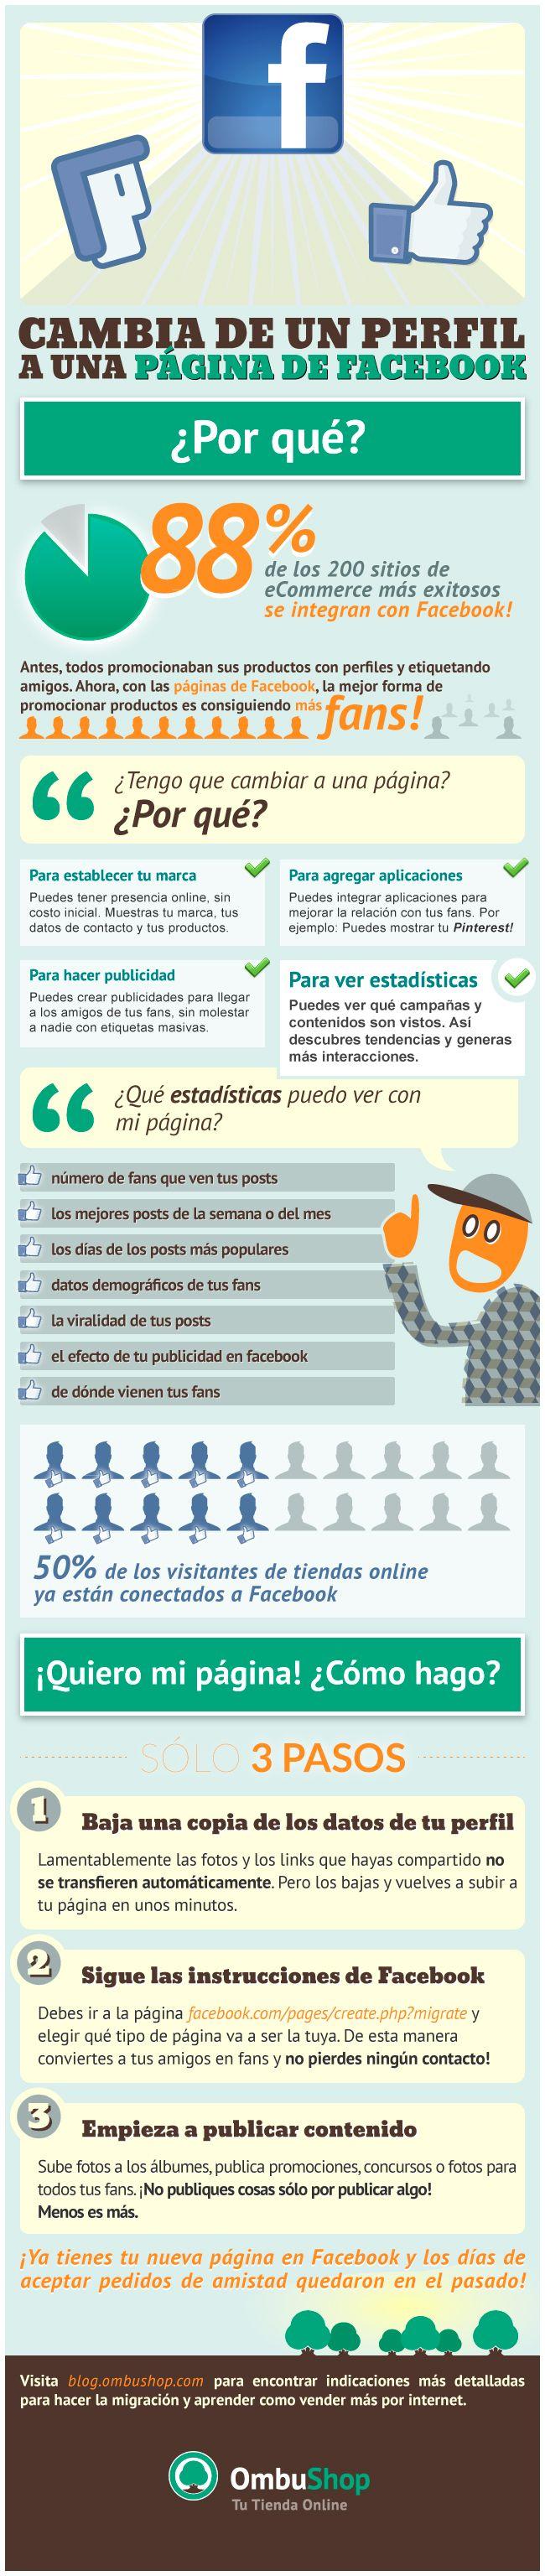 Cambia un perfil en una página de FaceBook